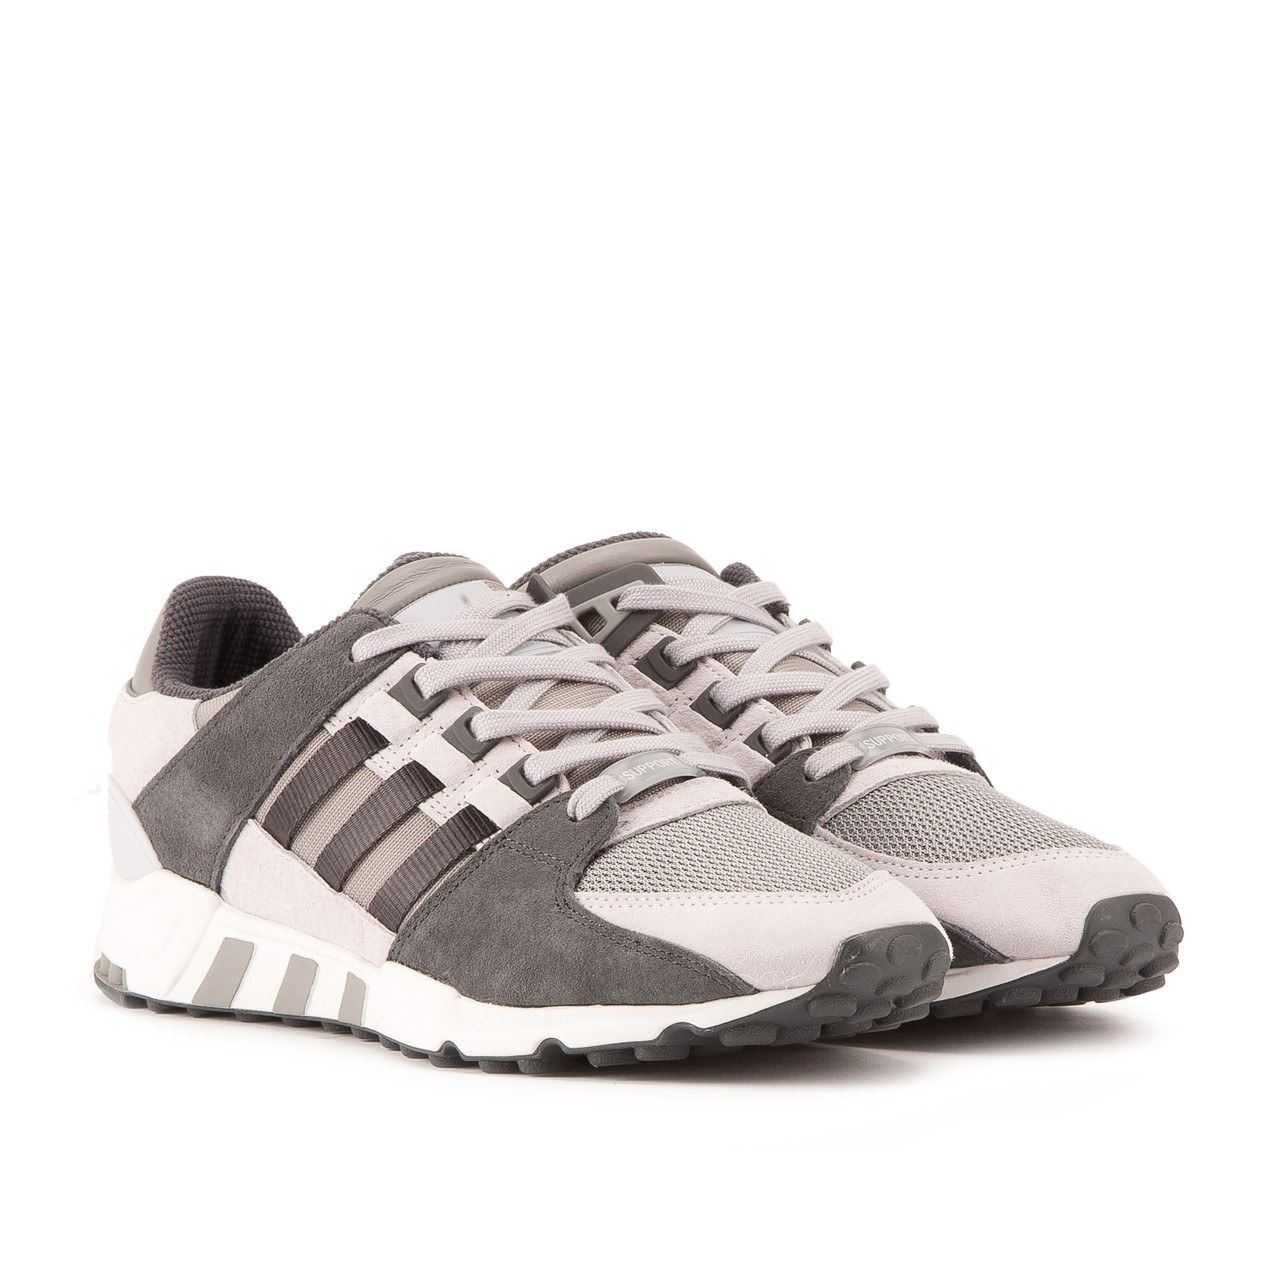 Adidas Originals Mens EQT Support RF Trainers Grey White (BB1317)  c94d6045f